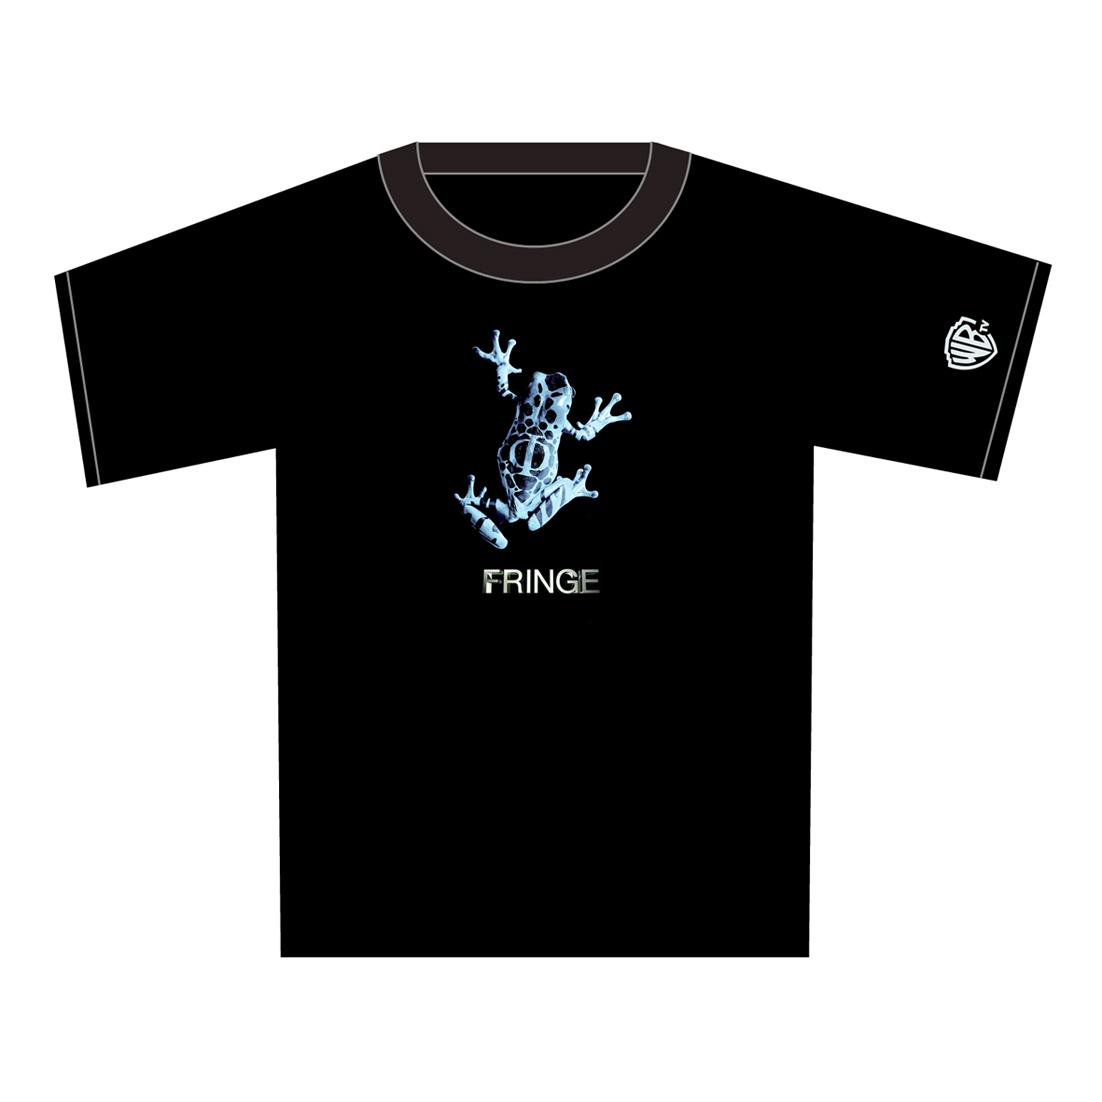 t shirts_1.jpg